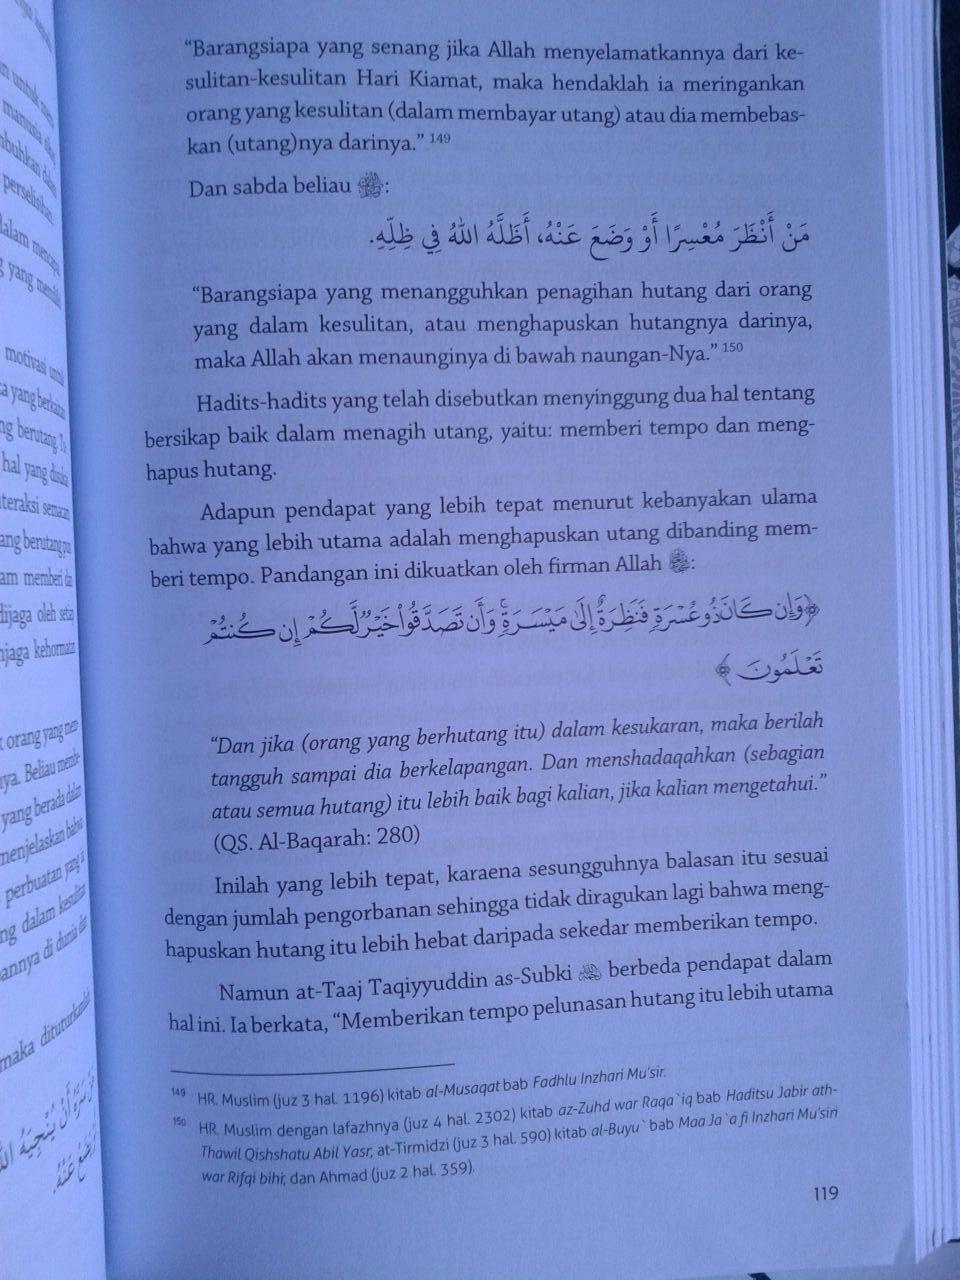 Buku Kisah-Kisah Shahih Dalam Sunnah Nabi isi 3